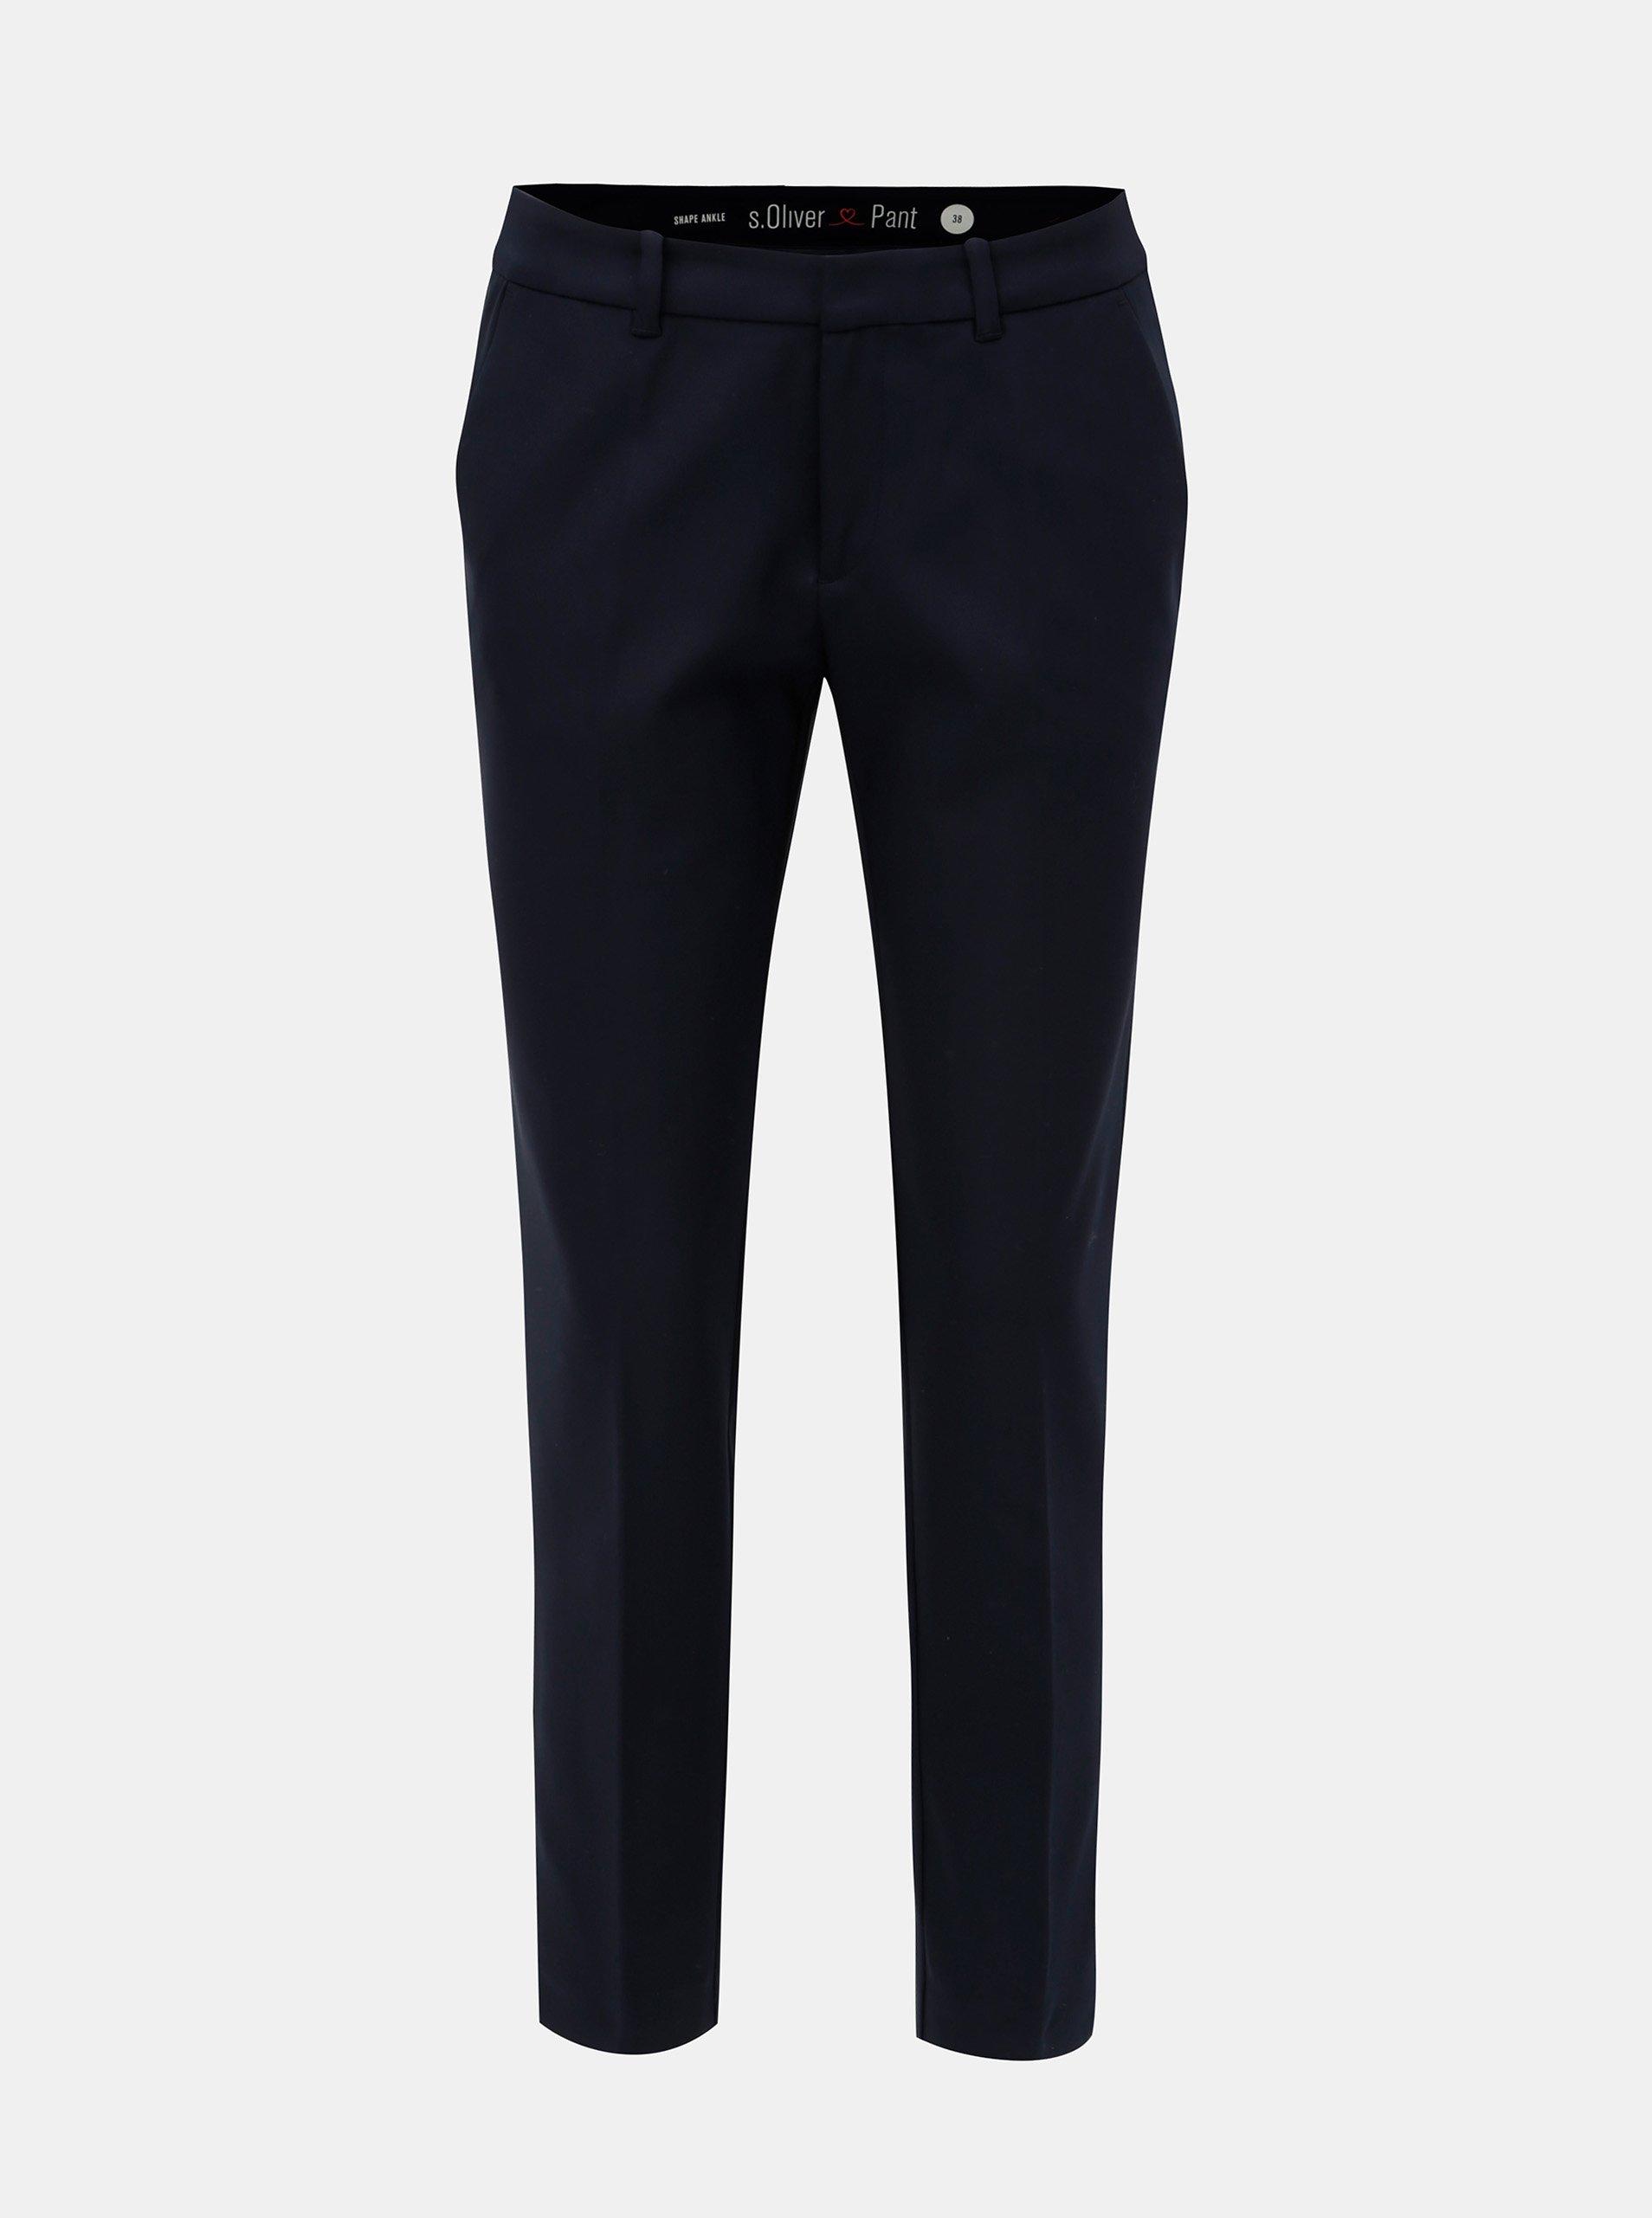 a01a9c742002 Tmavomodré dámske skrátené nohavice s nízkym sedom s.Oliver